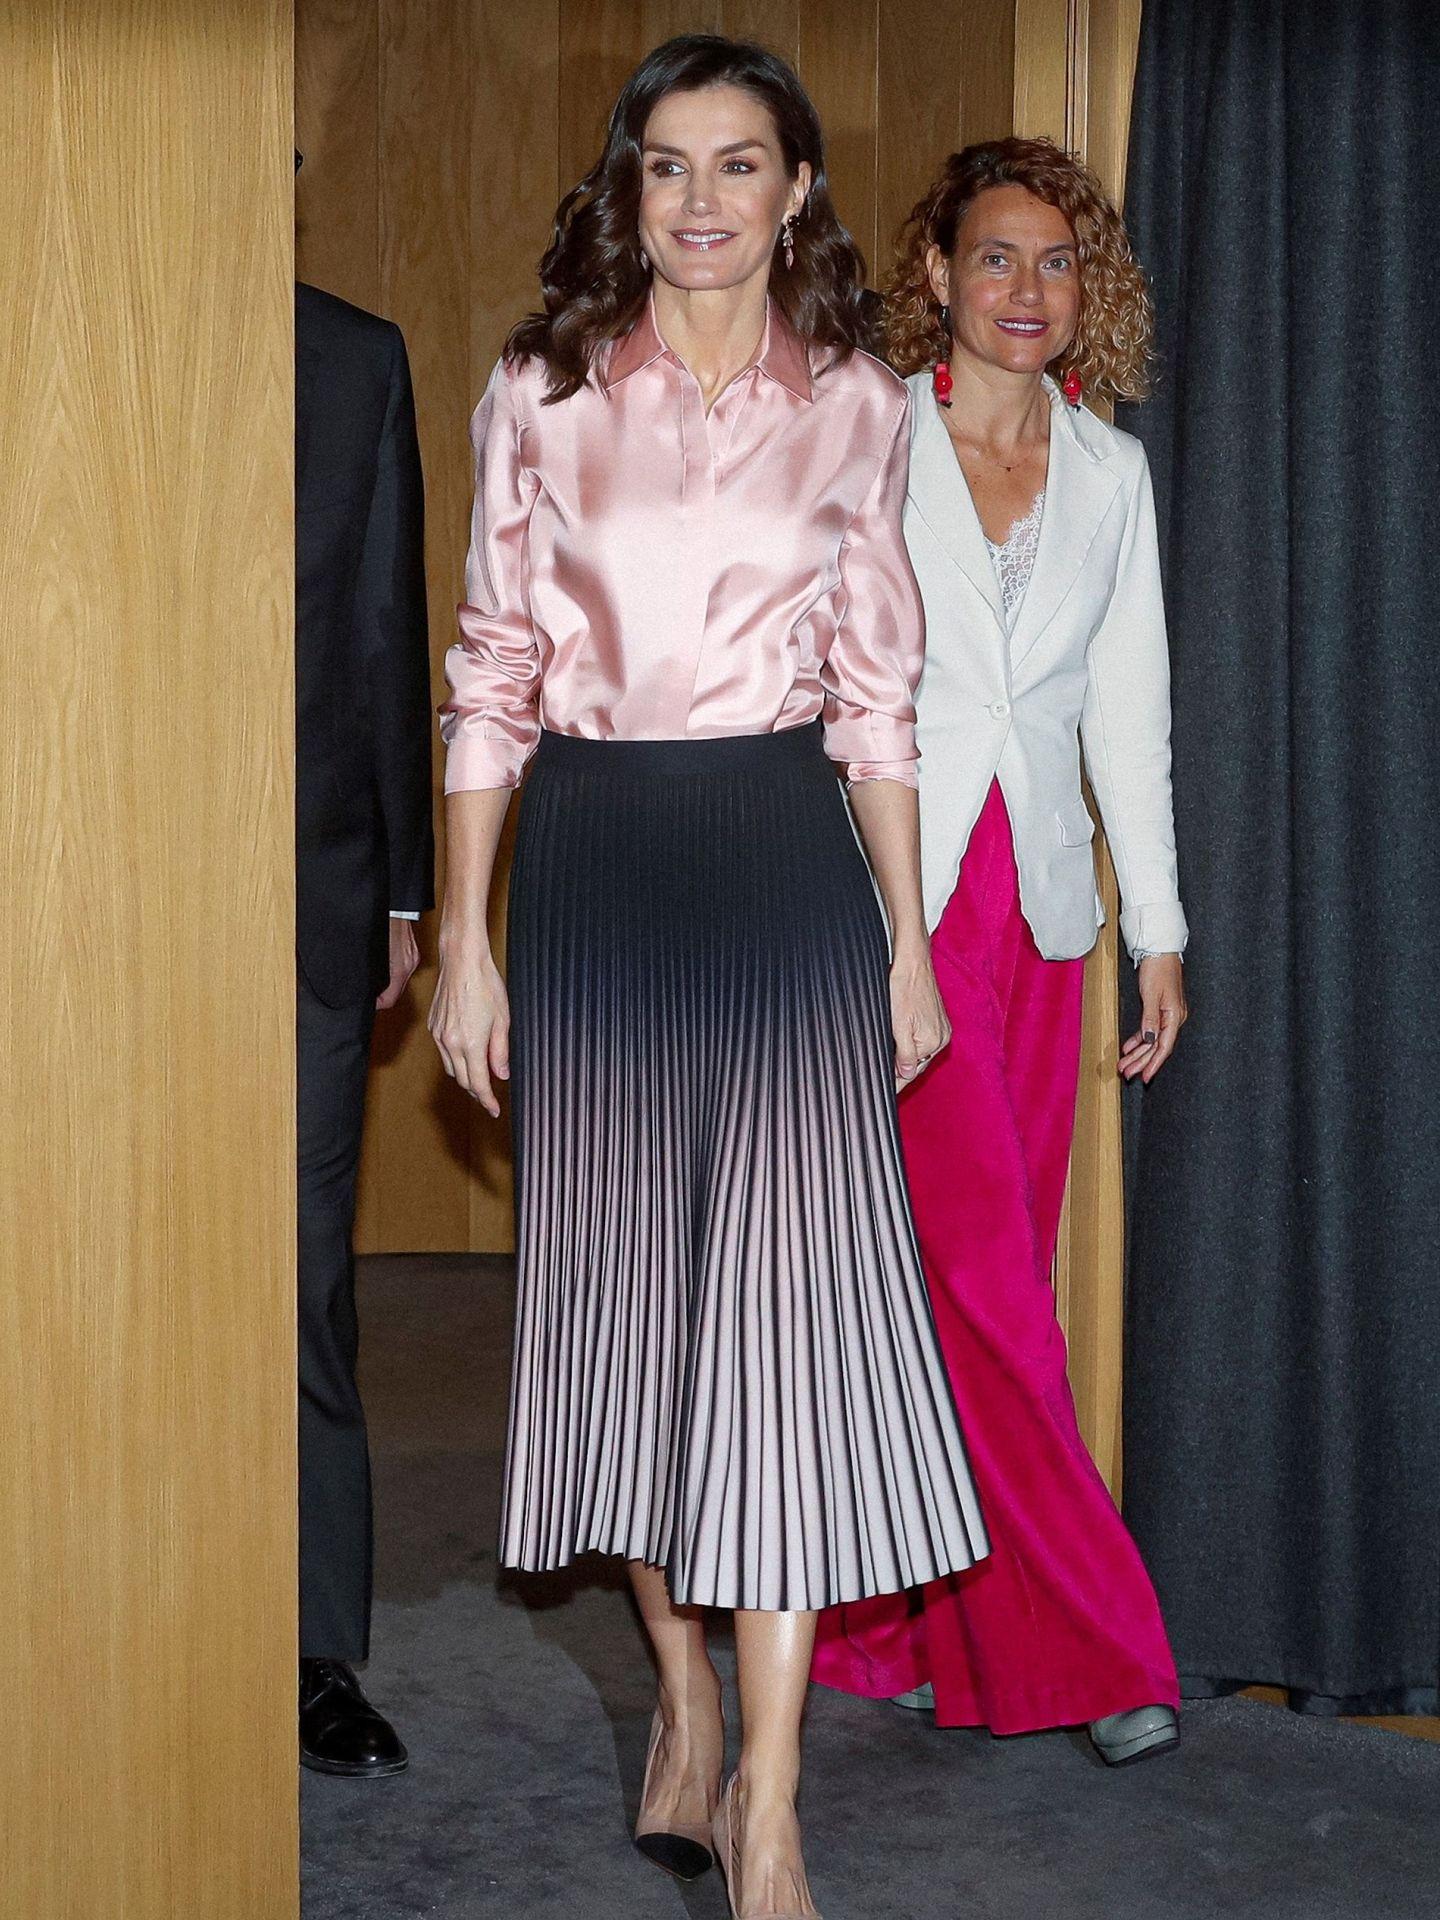 La reina Letizia, con falda plisada preside el acto oficial del Día Mundial de las Enfermedades Raras. (EFE)